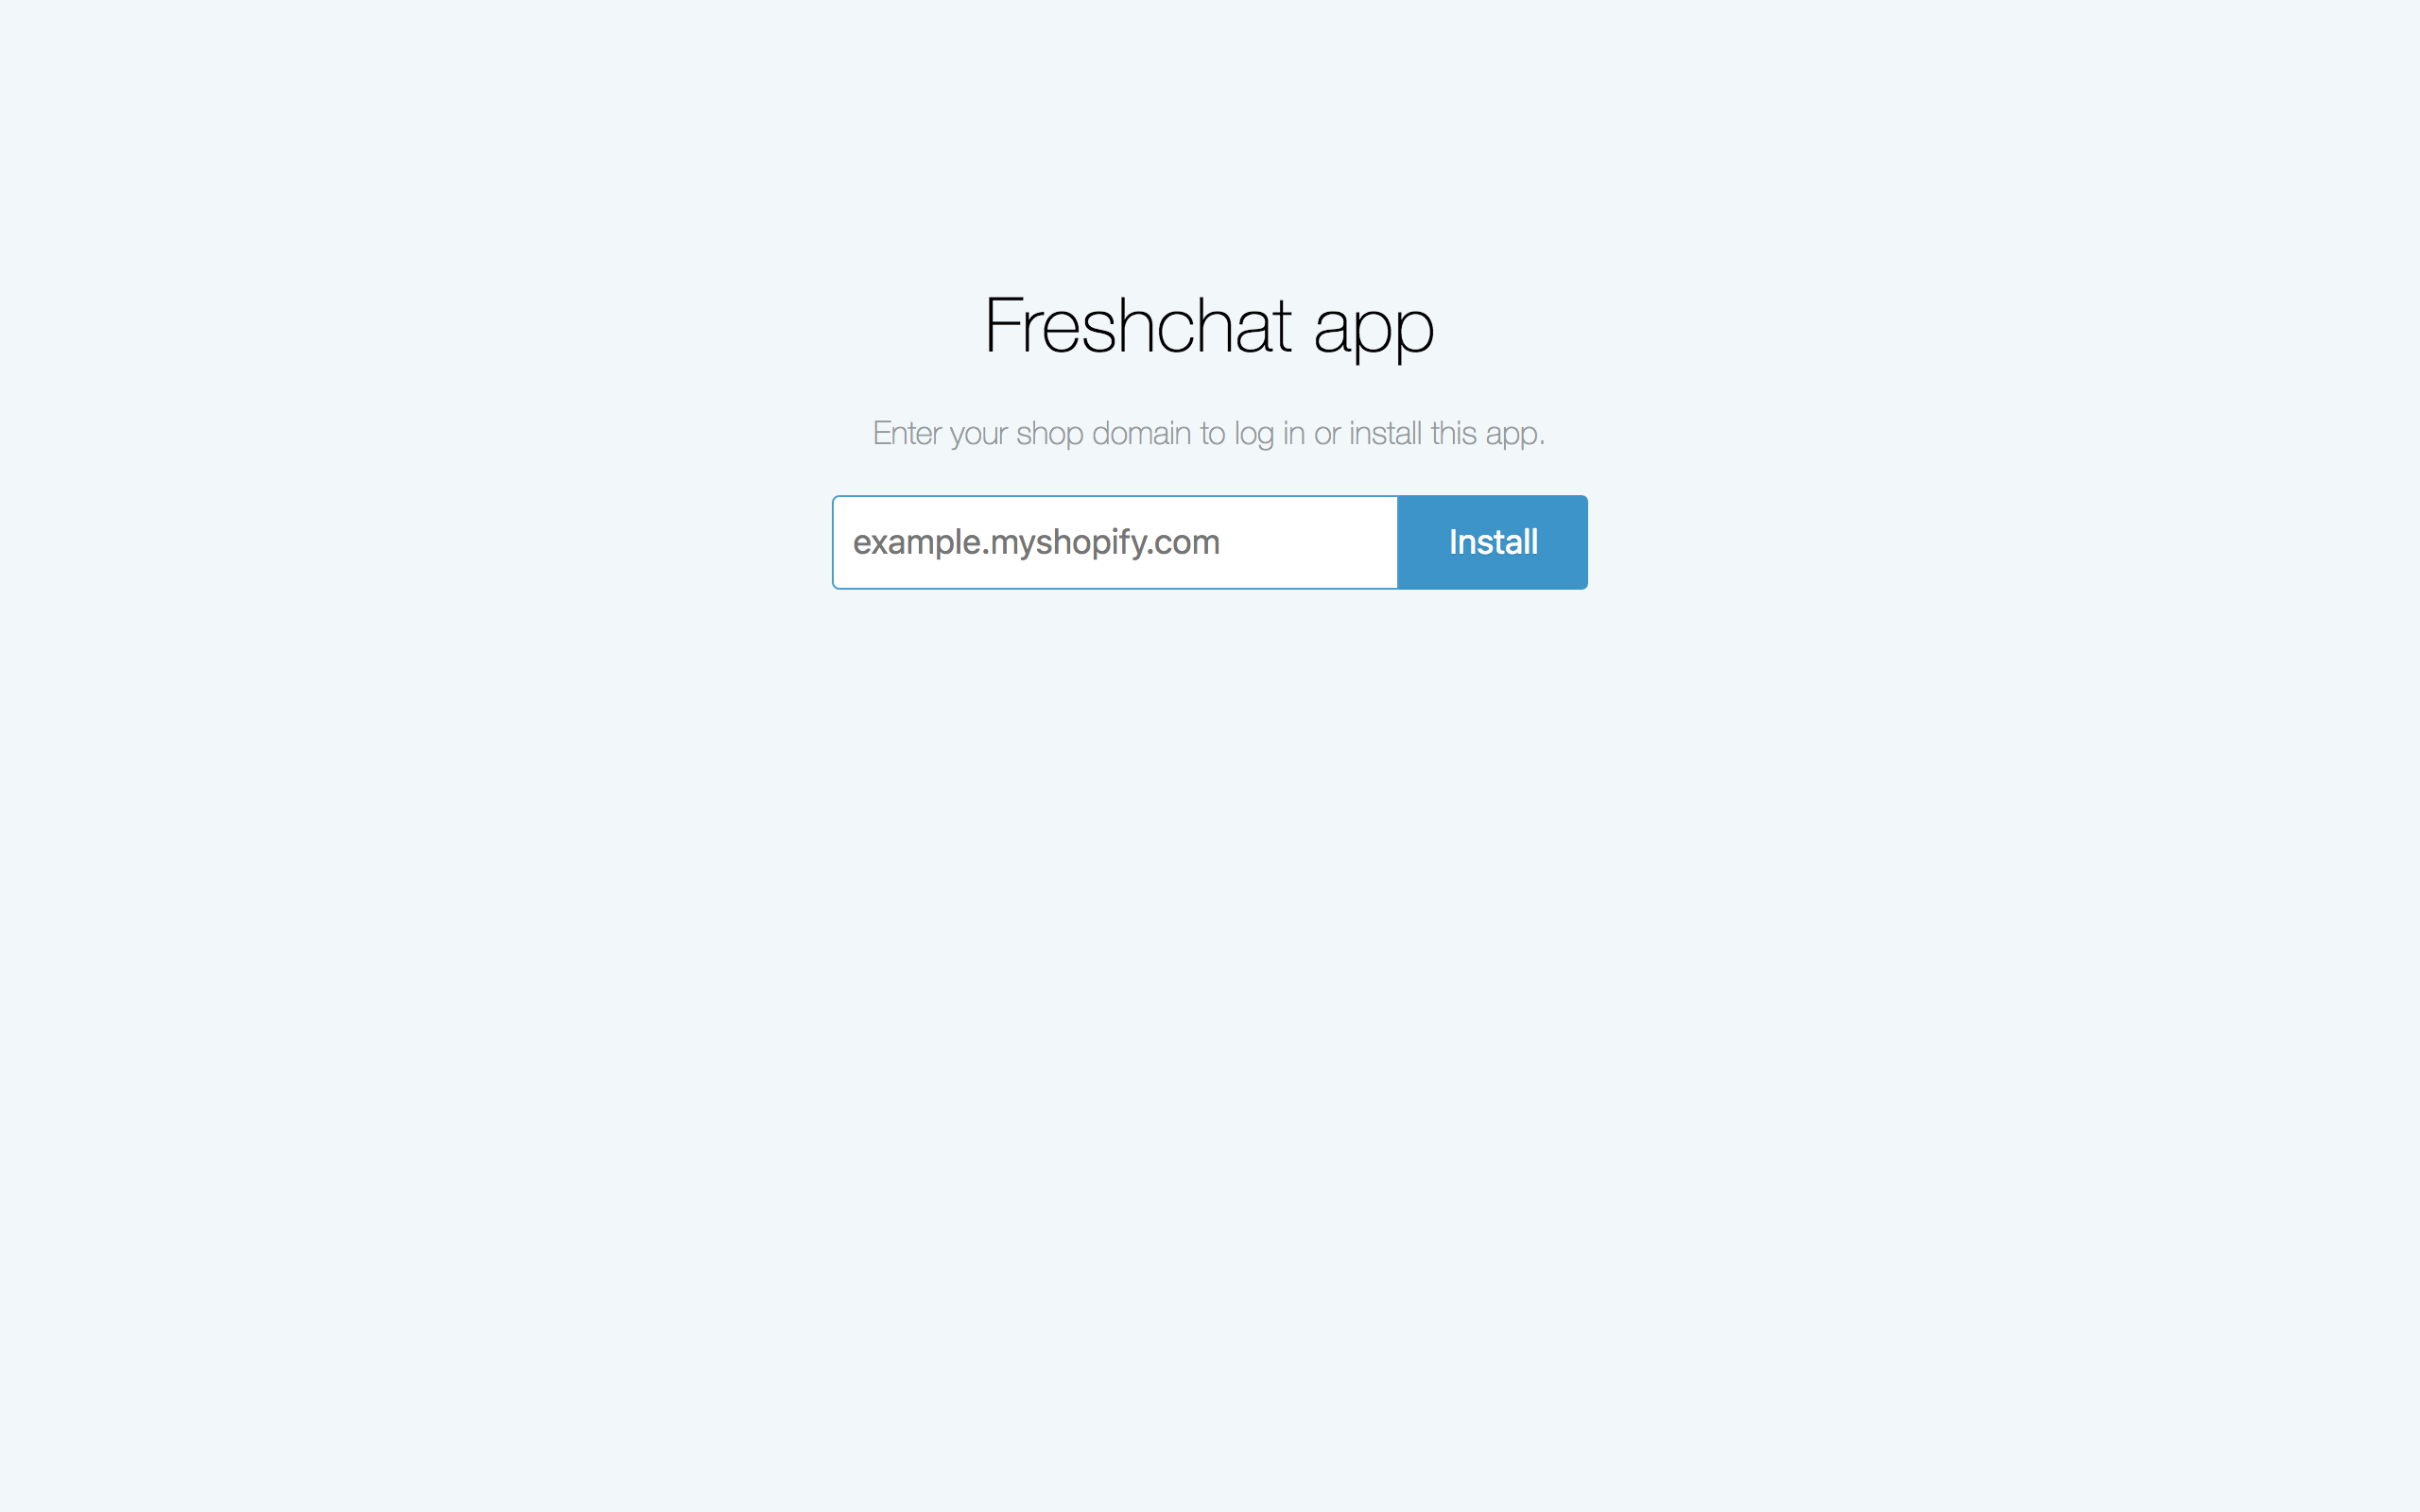 Freshchat - Shopify Integration : Freshchat